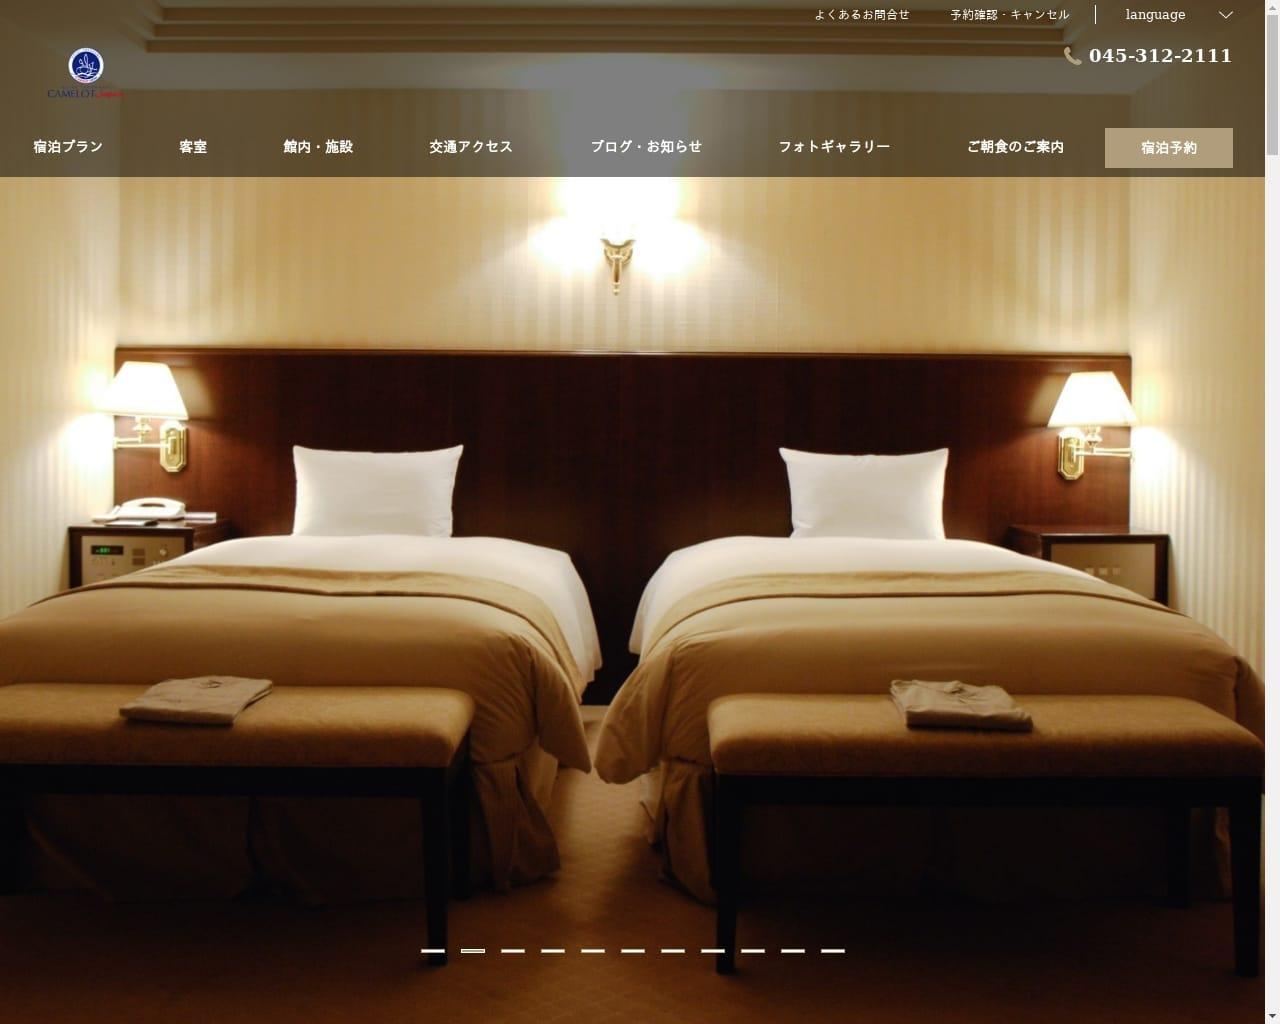 高級ホテル特集 ホテル横浜キャメロットジャパン